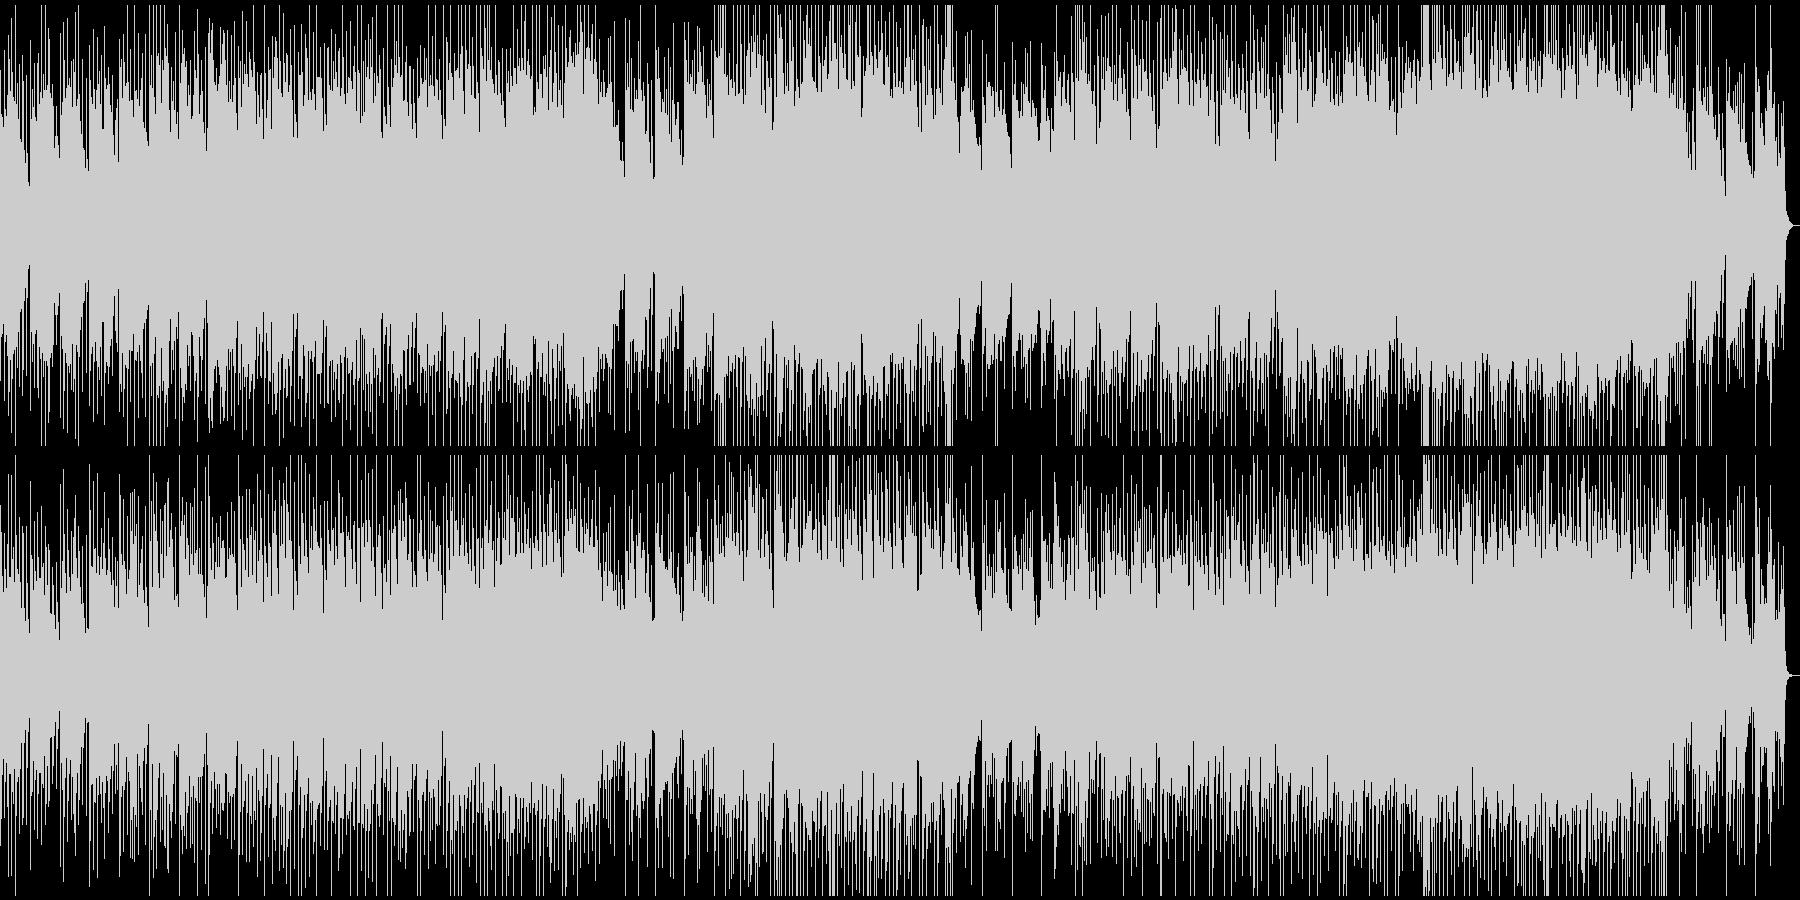 アコギメインの明るい爽やか曲の未再生の波形